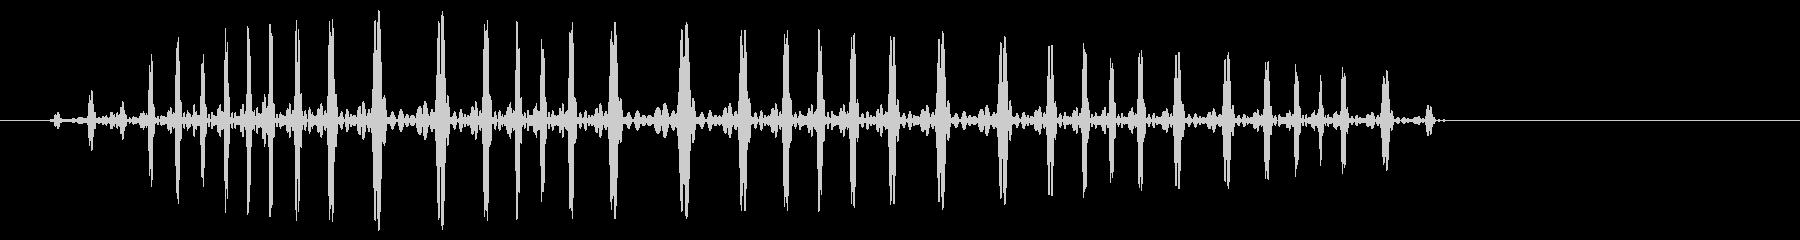 バババッ(ダメージを受けた電子音)の未再生の波形